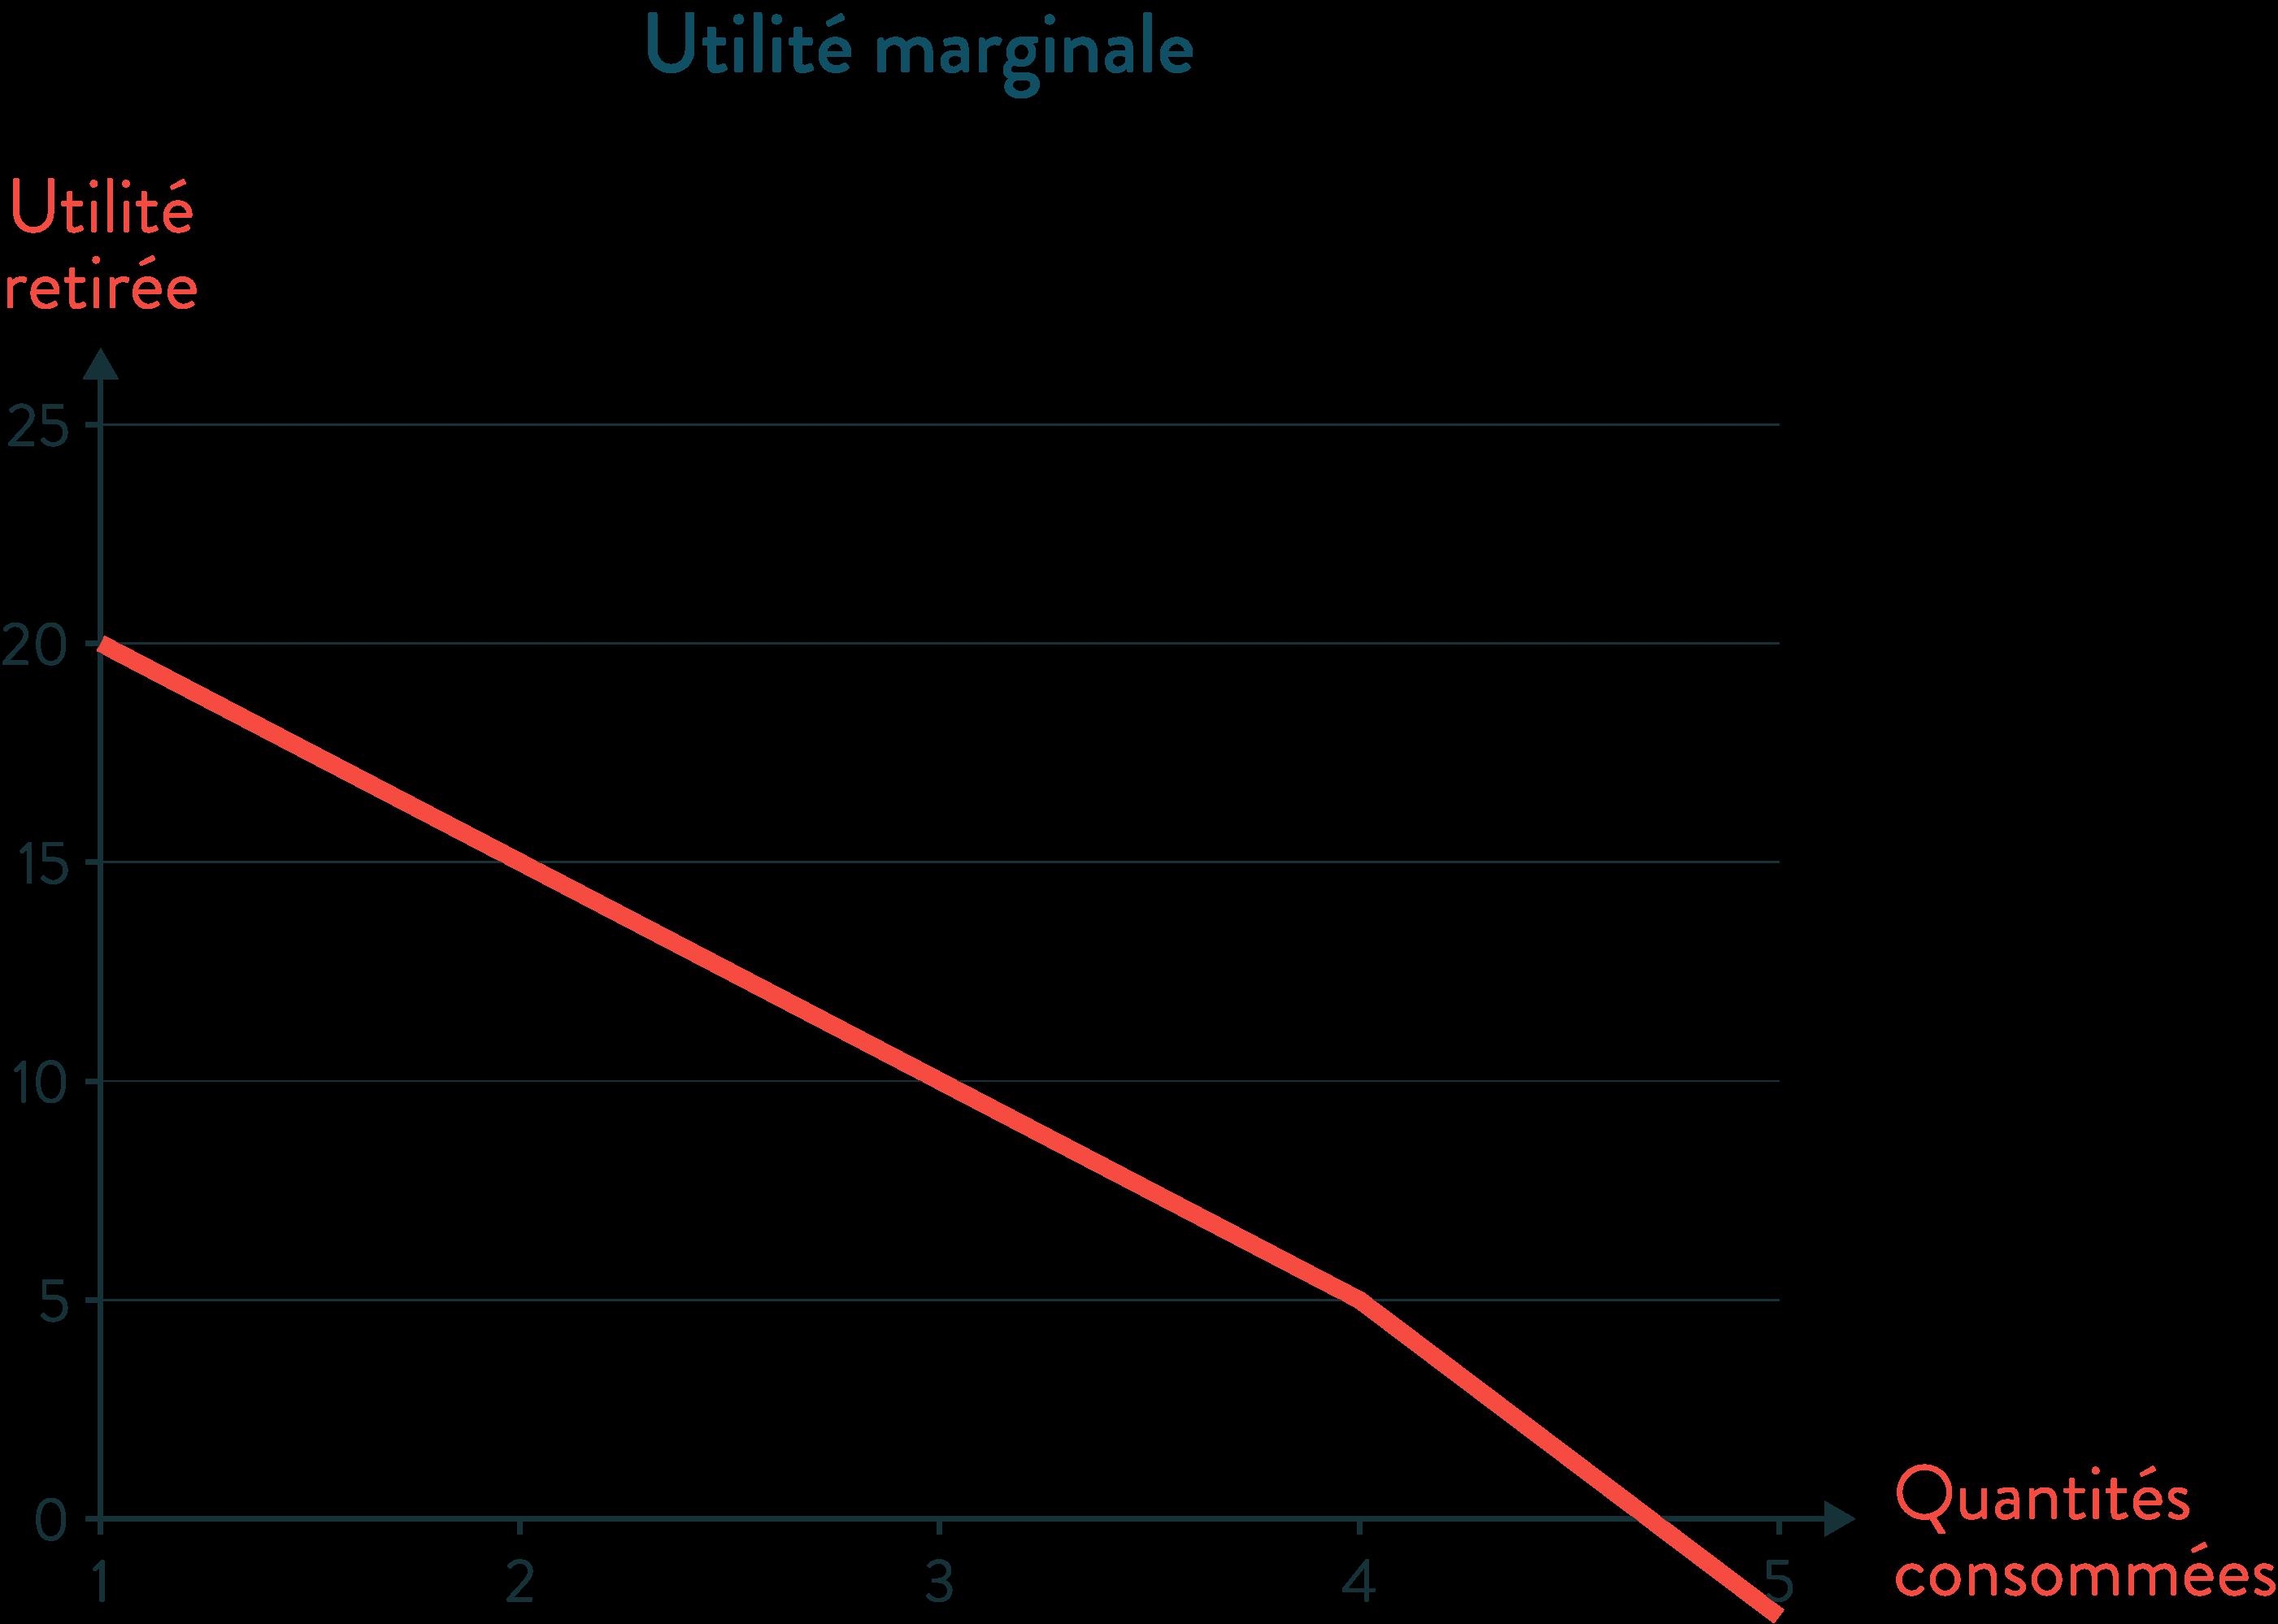 ses première utilité marginale graphique